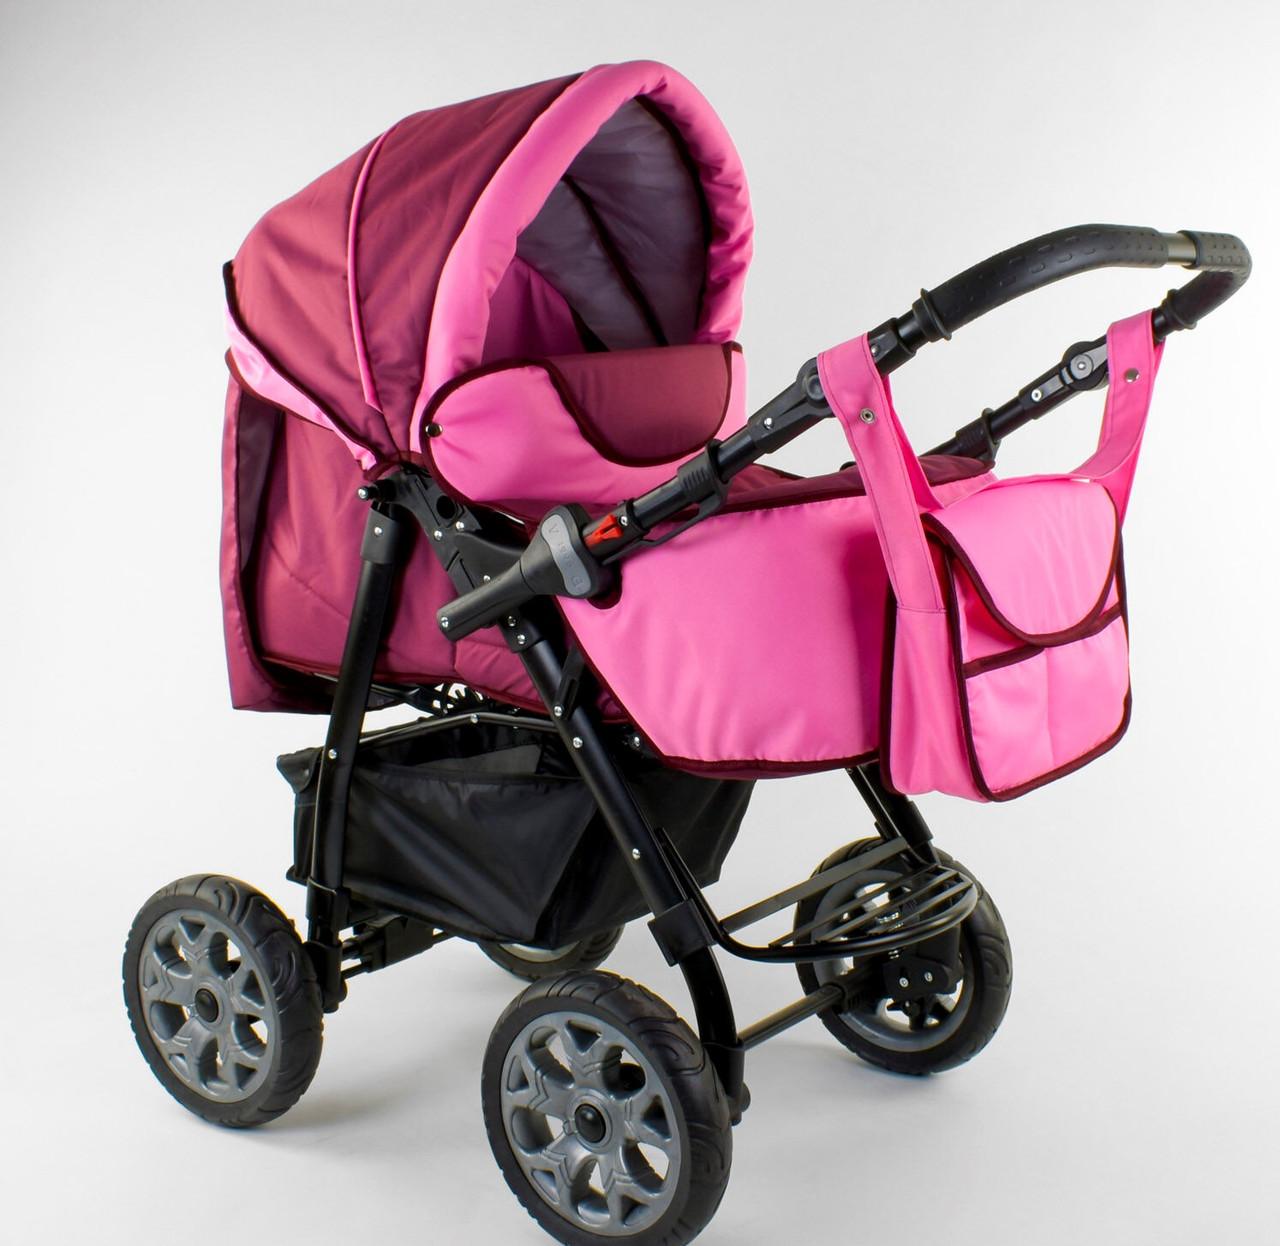 Детская коляска-трансформер Viki 86- C 41 малиновая Гарантия качества Быстрая доставка